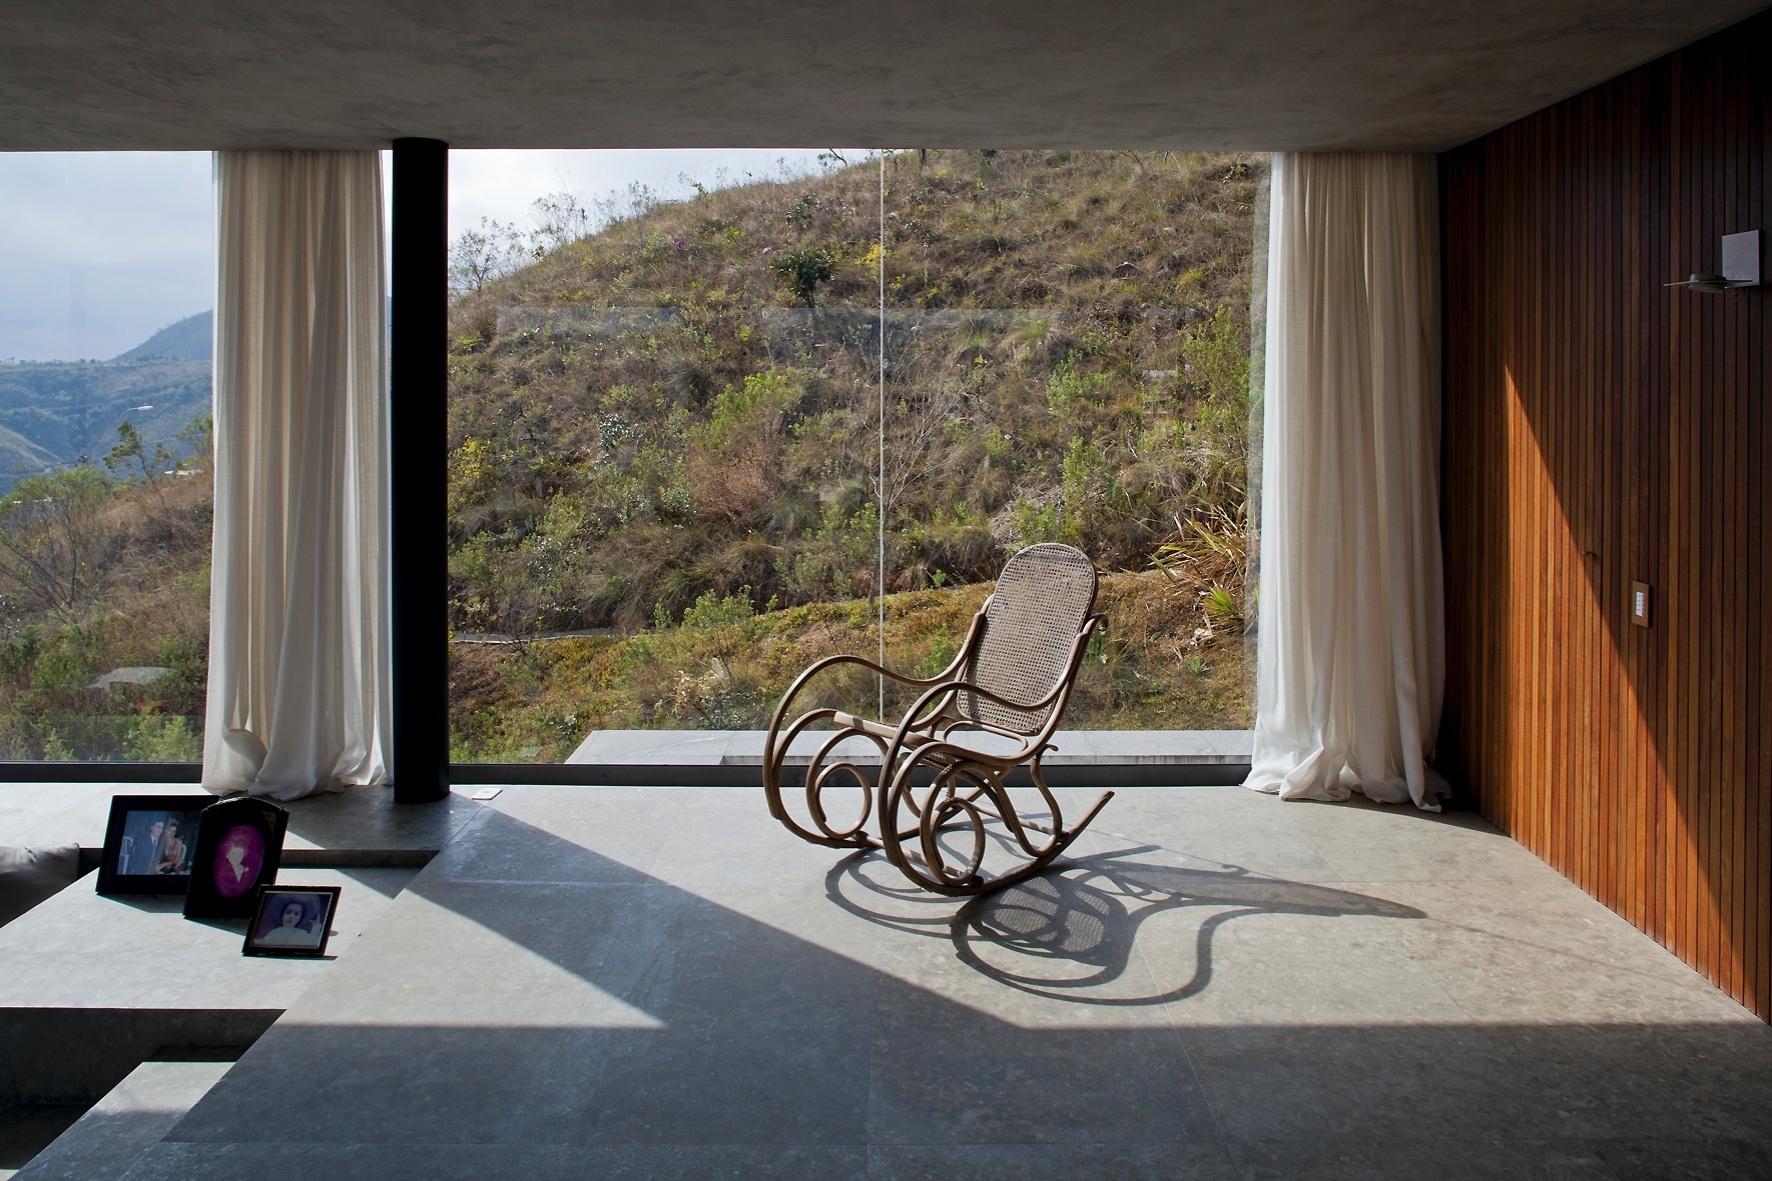 Grandes panos de vidro proporcionam belas vistas e boa entrada de luz aos ambientes sociais da casa EG, assinada pelo arquiteto Marcelo Alvarenga, em Nova Lima (MG). A privacidade dos moradores é garantida pelas cortinas de linho natural